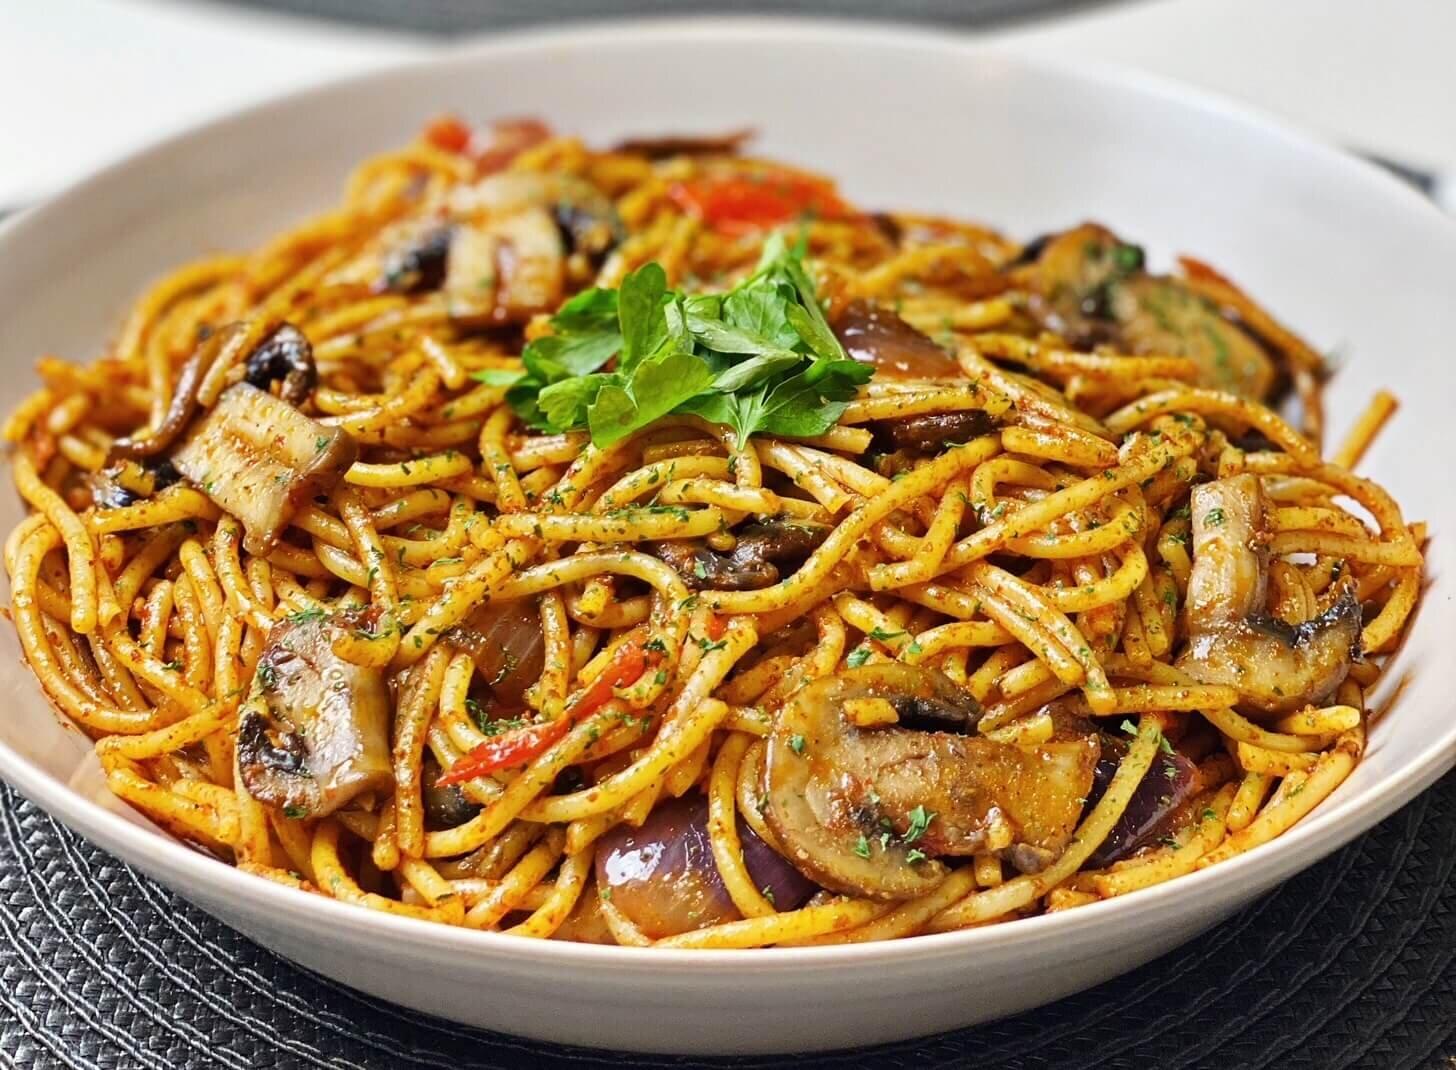 Spaghetti Aglio e Olio with Spicy Mushrooms